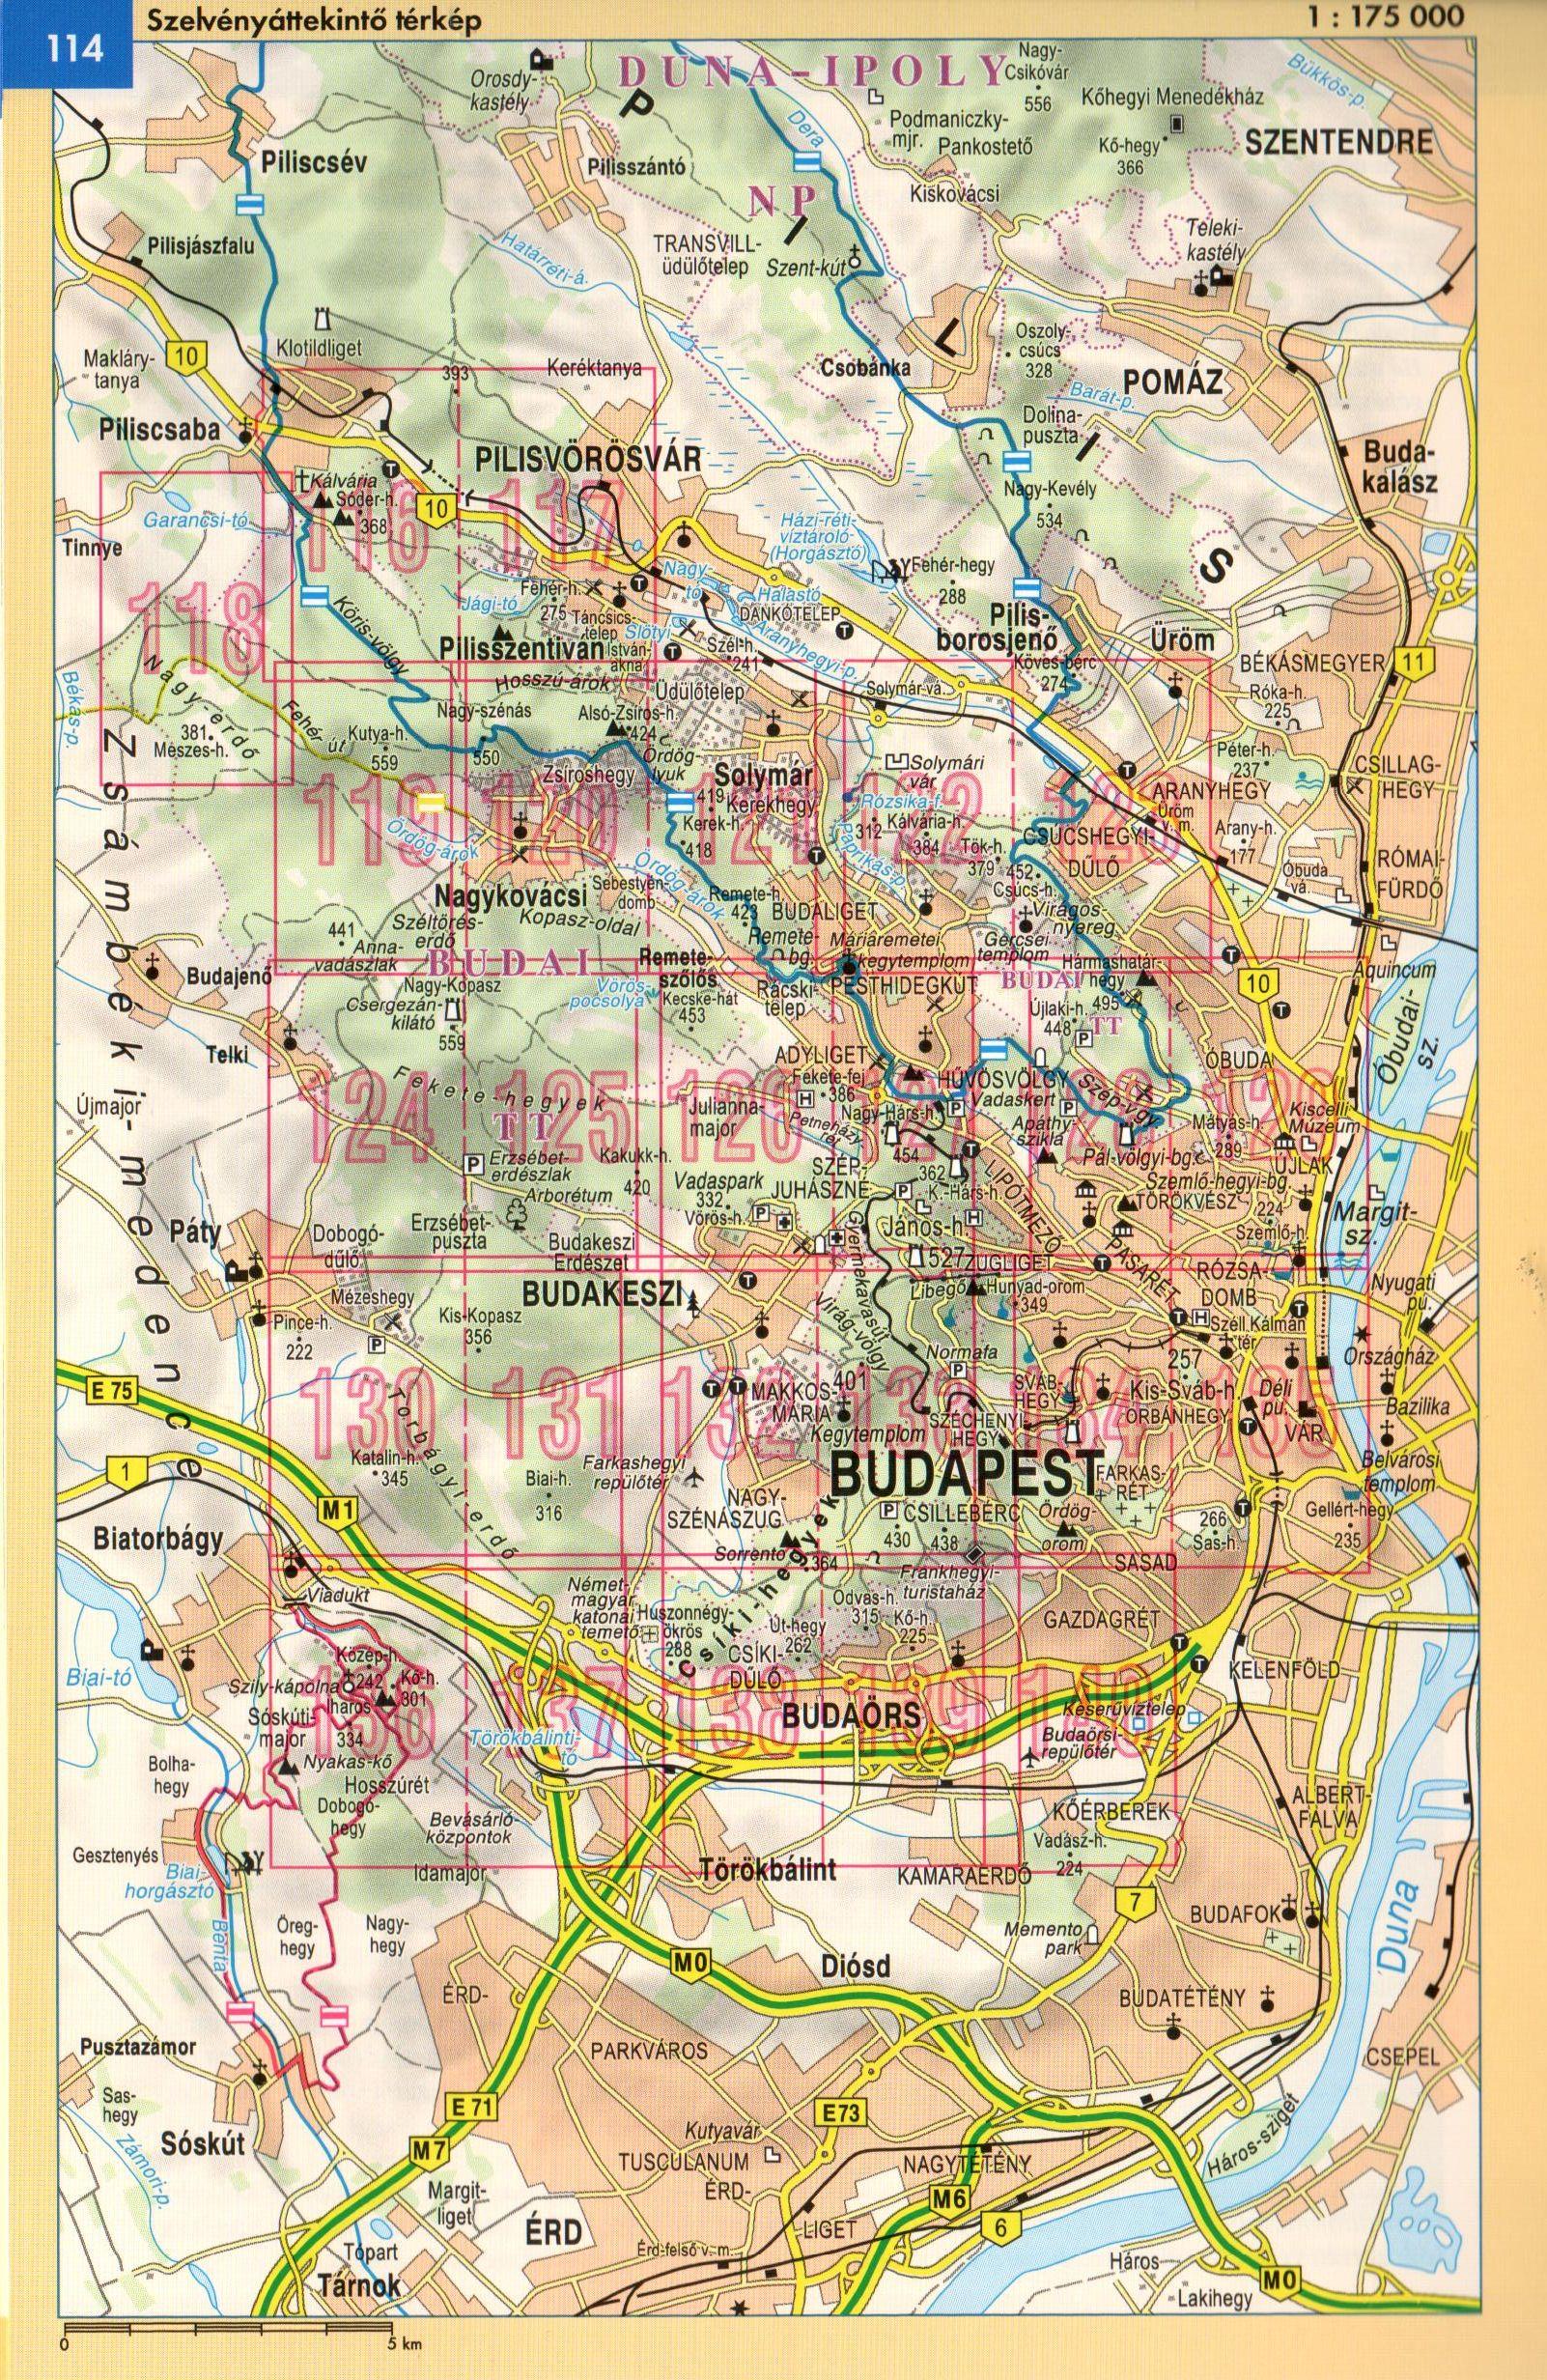 Budai-hegység áttekintő térkép